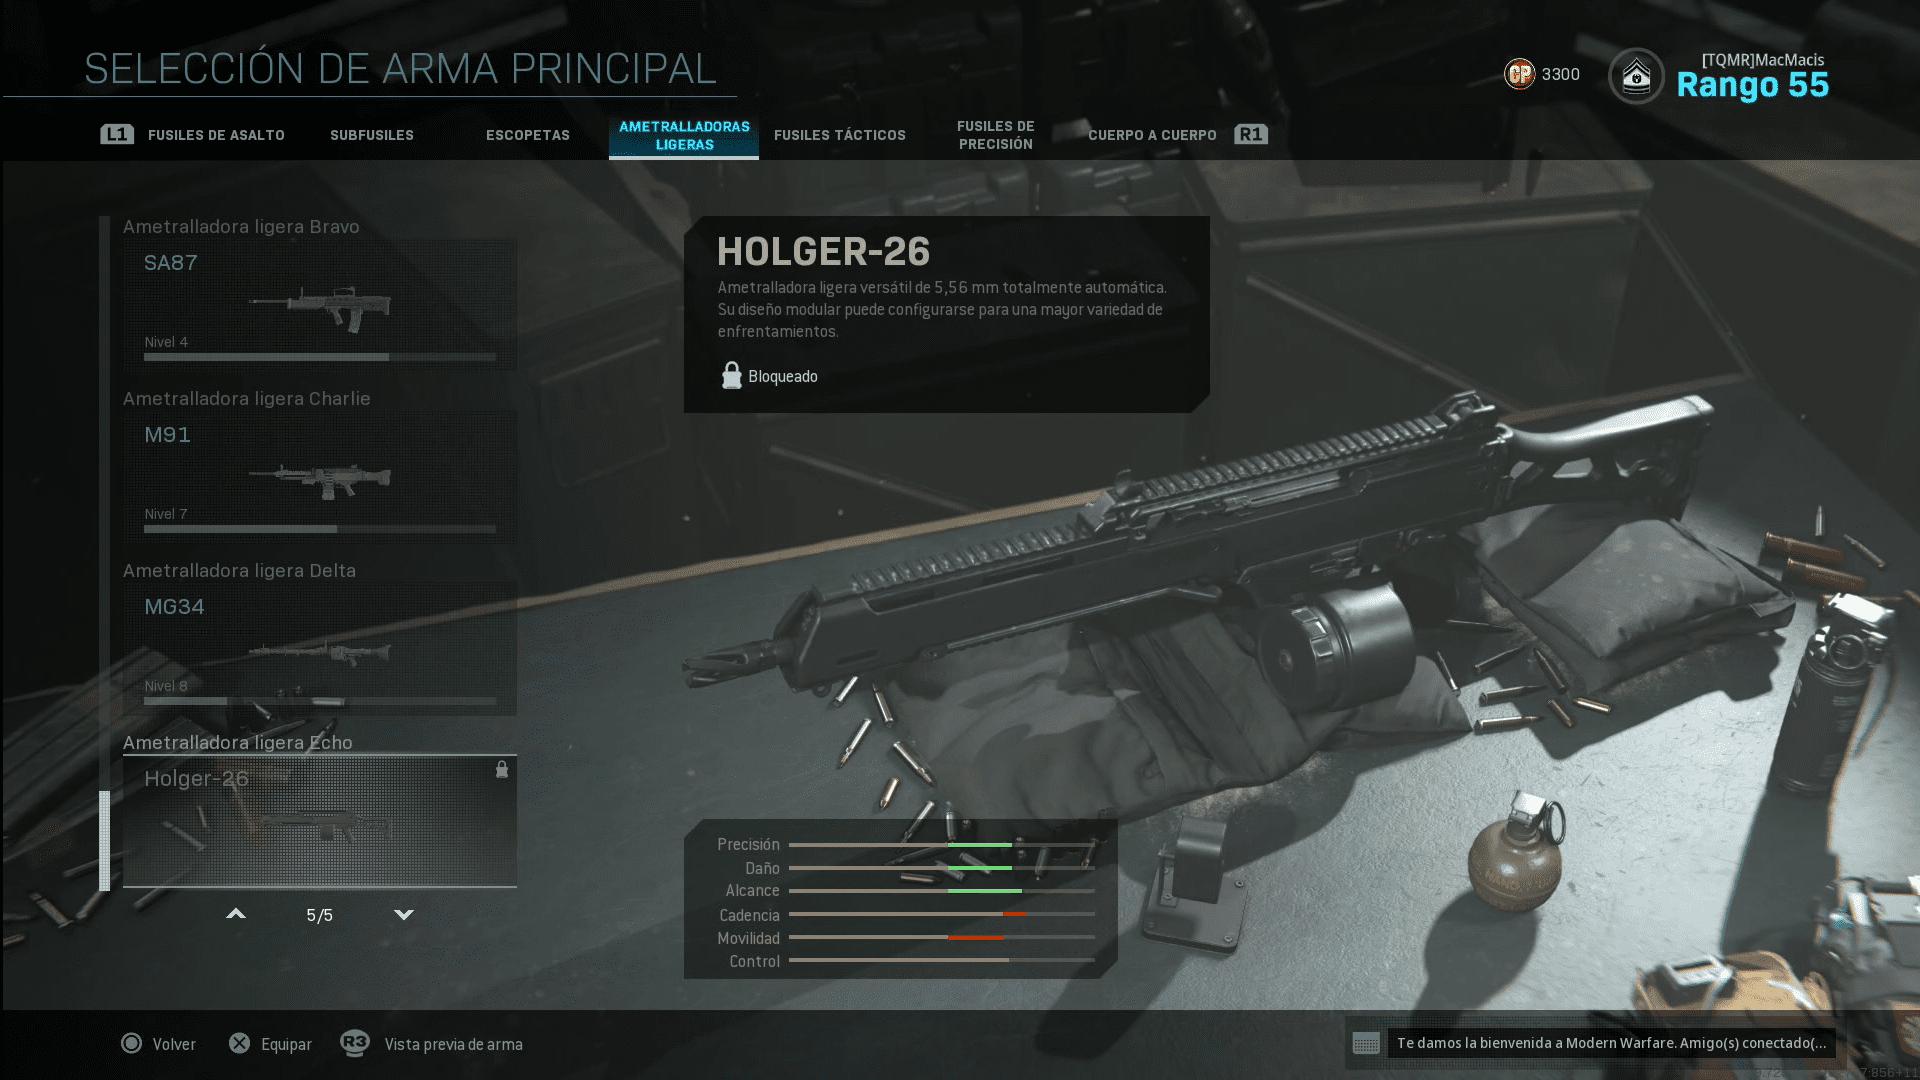 Holger-26